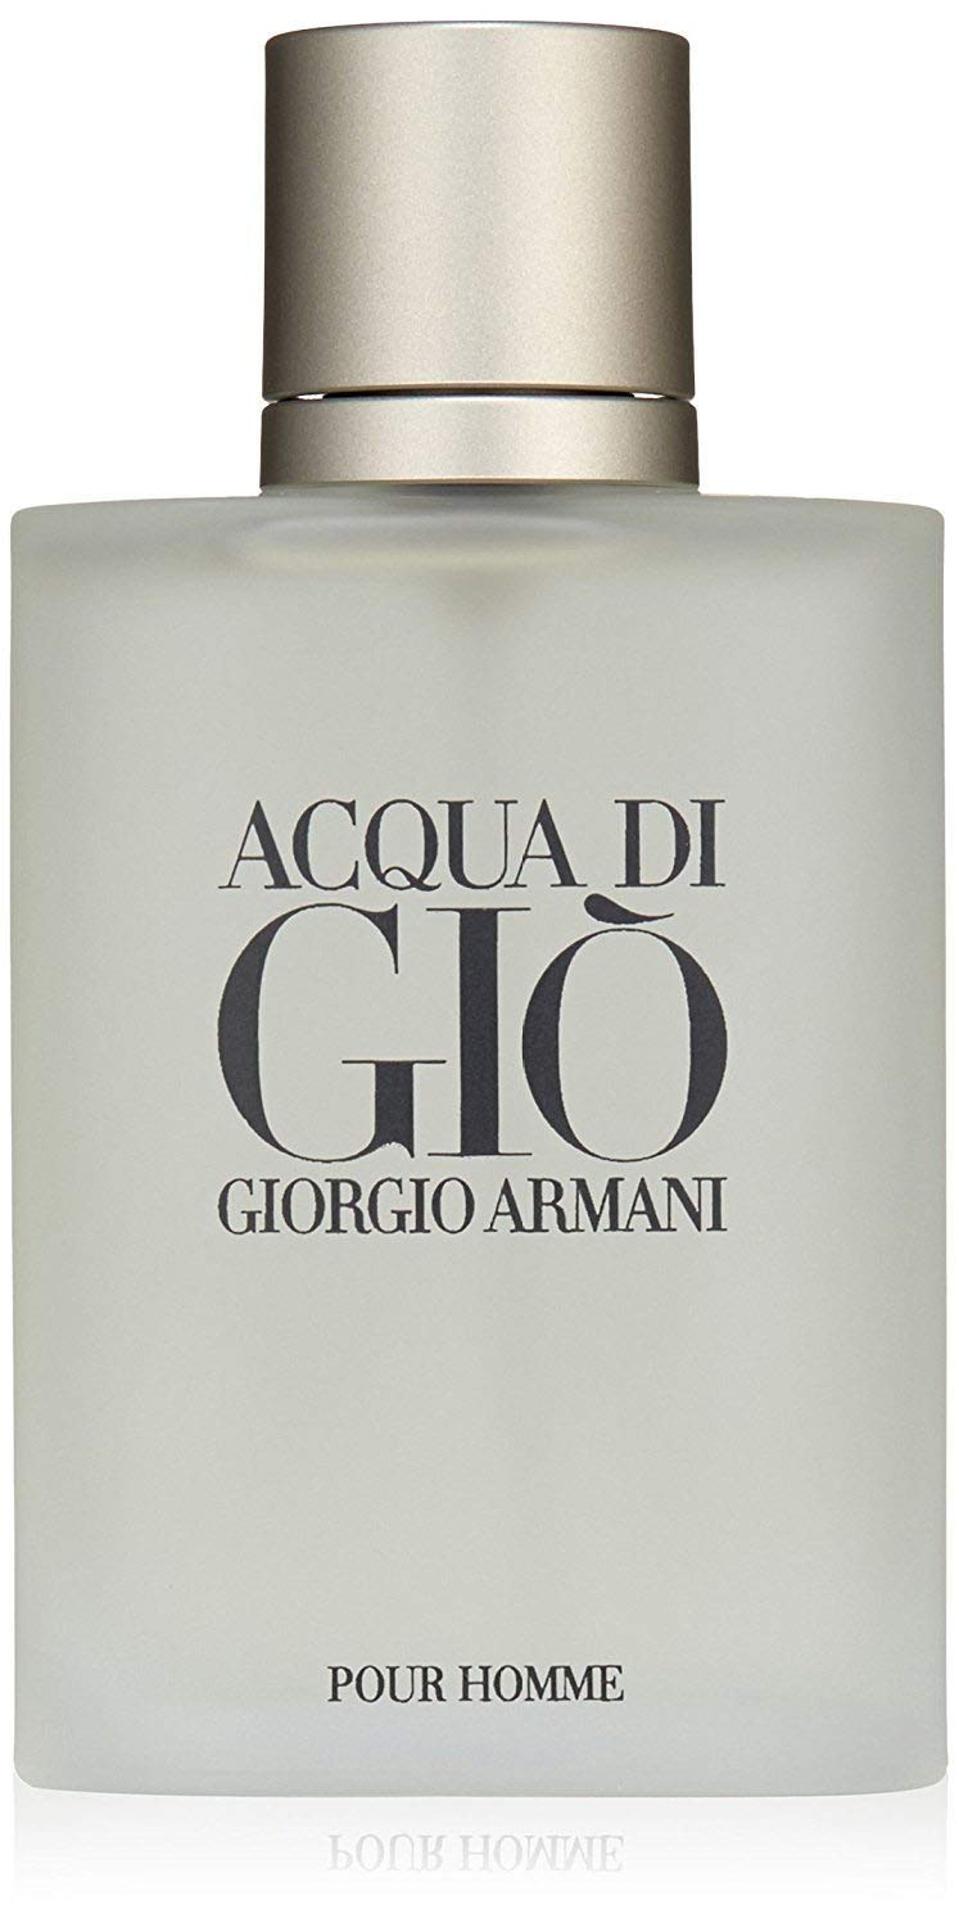 Giorgio Armani Acqua Di Gio Eau de Toilette (3.4 oz.)